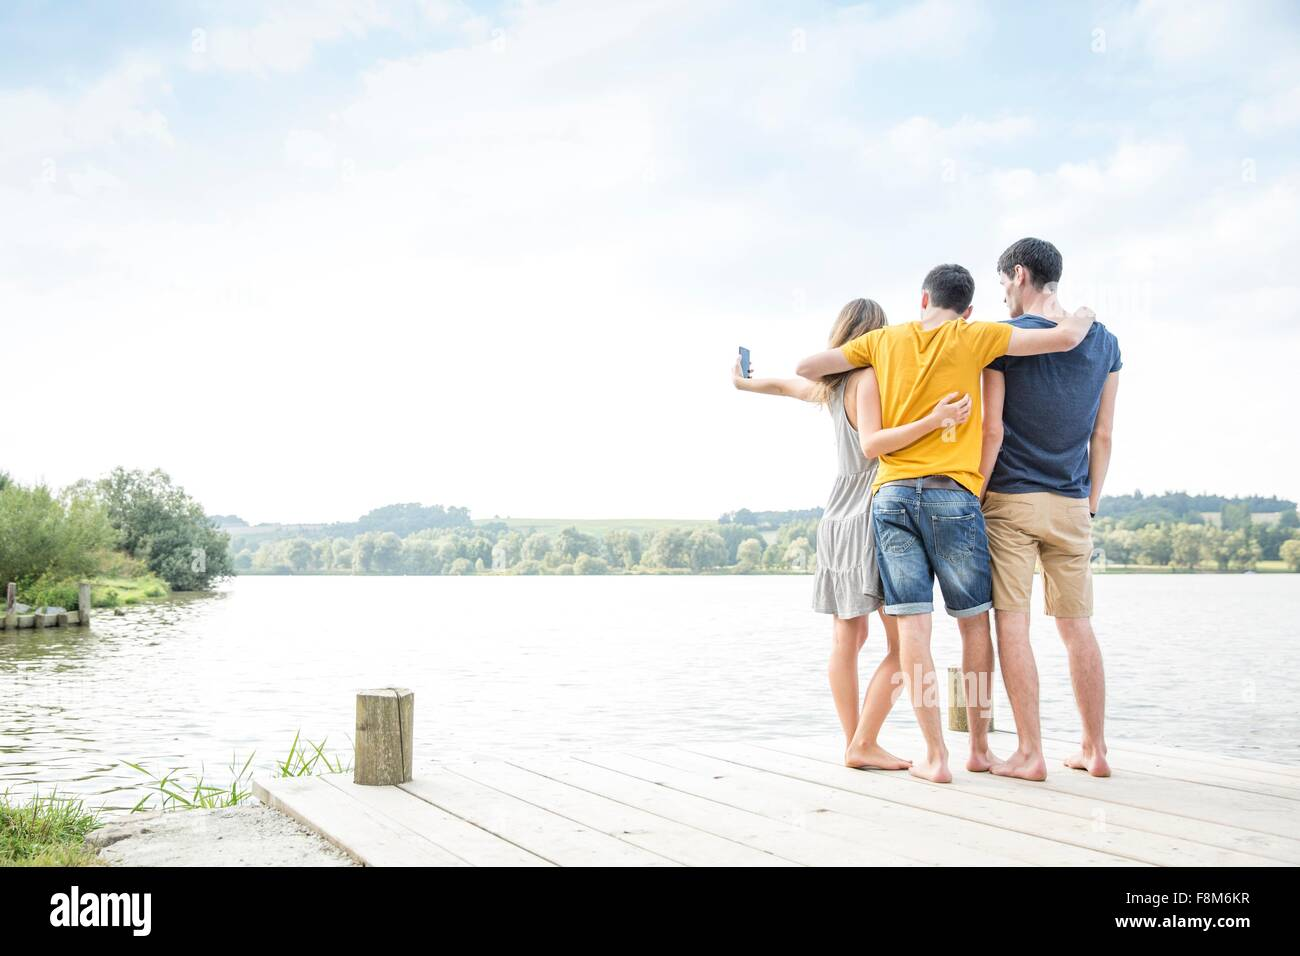 Tres jóvenes de pie en el embarcadero, teniendo autorretrato, usando smartphone, vista trasera Imagen De Stock